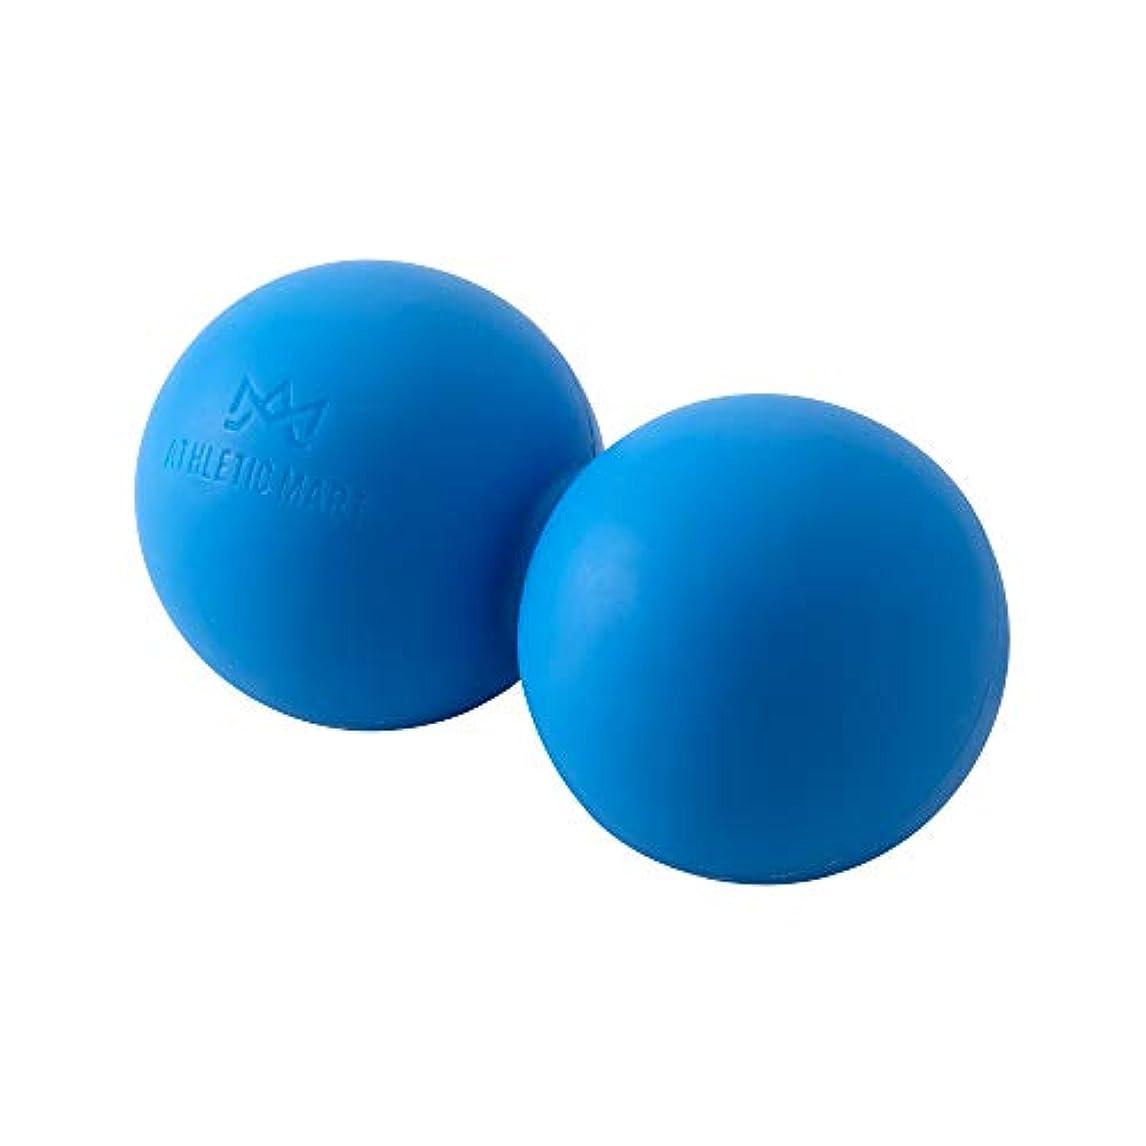 連邦官僚深めるATHLETIC MART ピーナッツ型ストレッチボール マッサージボール ラクロスボール2個サイズ ツボ押し (ブルー)